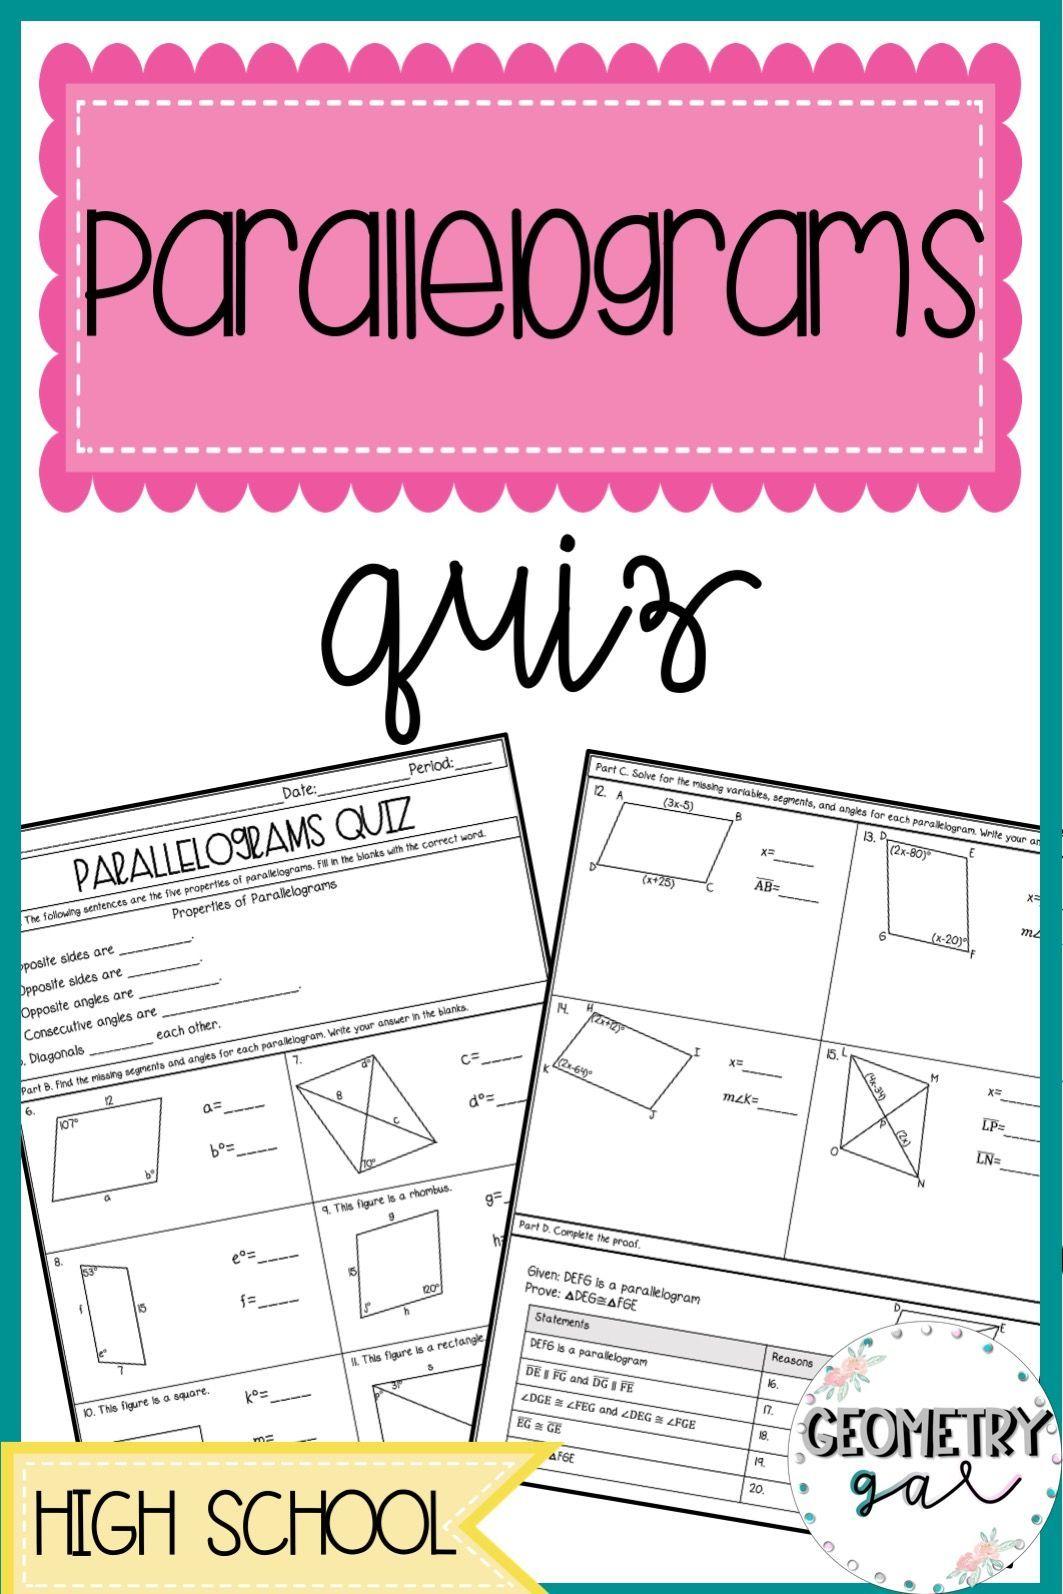 Parallelograms Quiz High school math activities, High